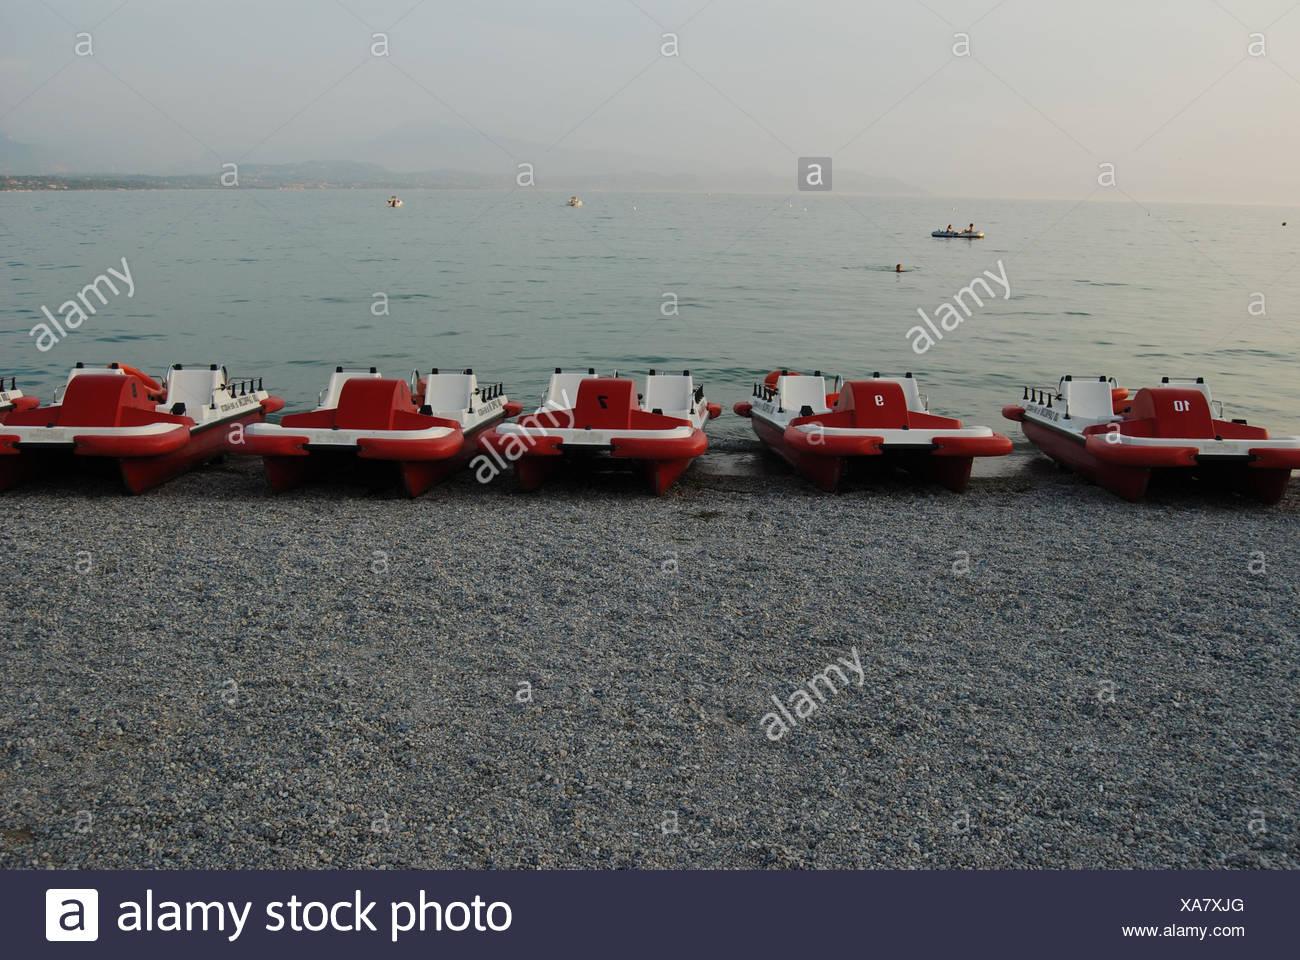 Fünf rot-weiße Tretboote liegen in einer Reihe am Kieselstrand bei Peschiera Stock Photo